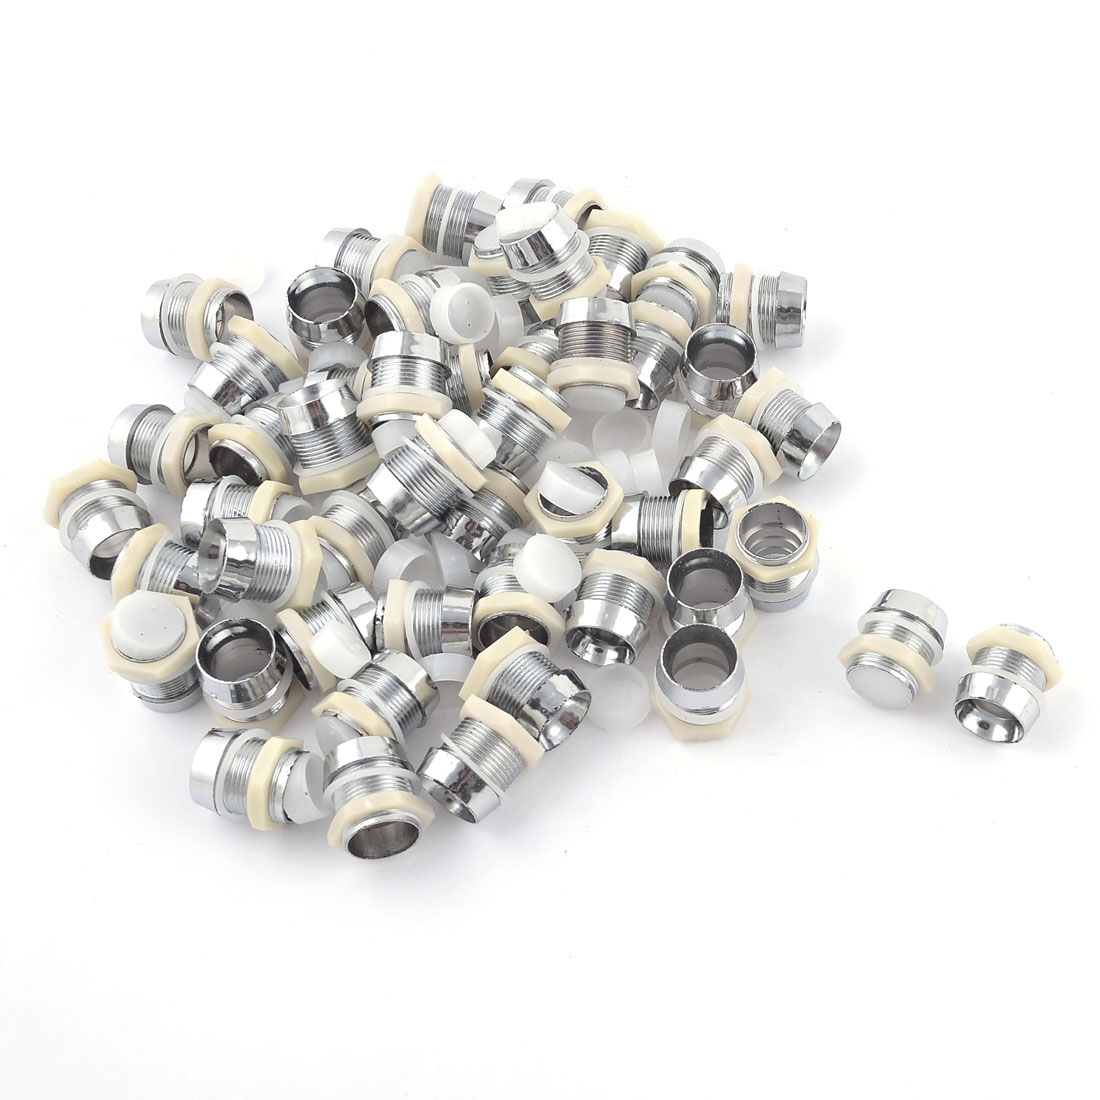 50 Pcs Silver Tone LED Lamp Holder Bazels Case for 12mm Diode